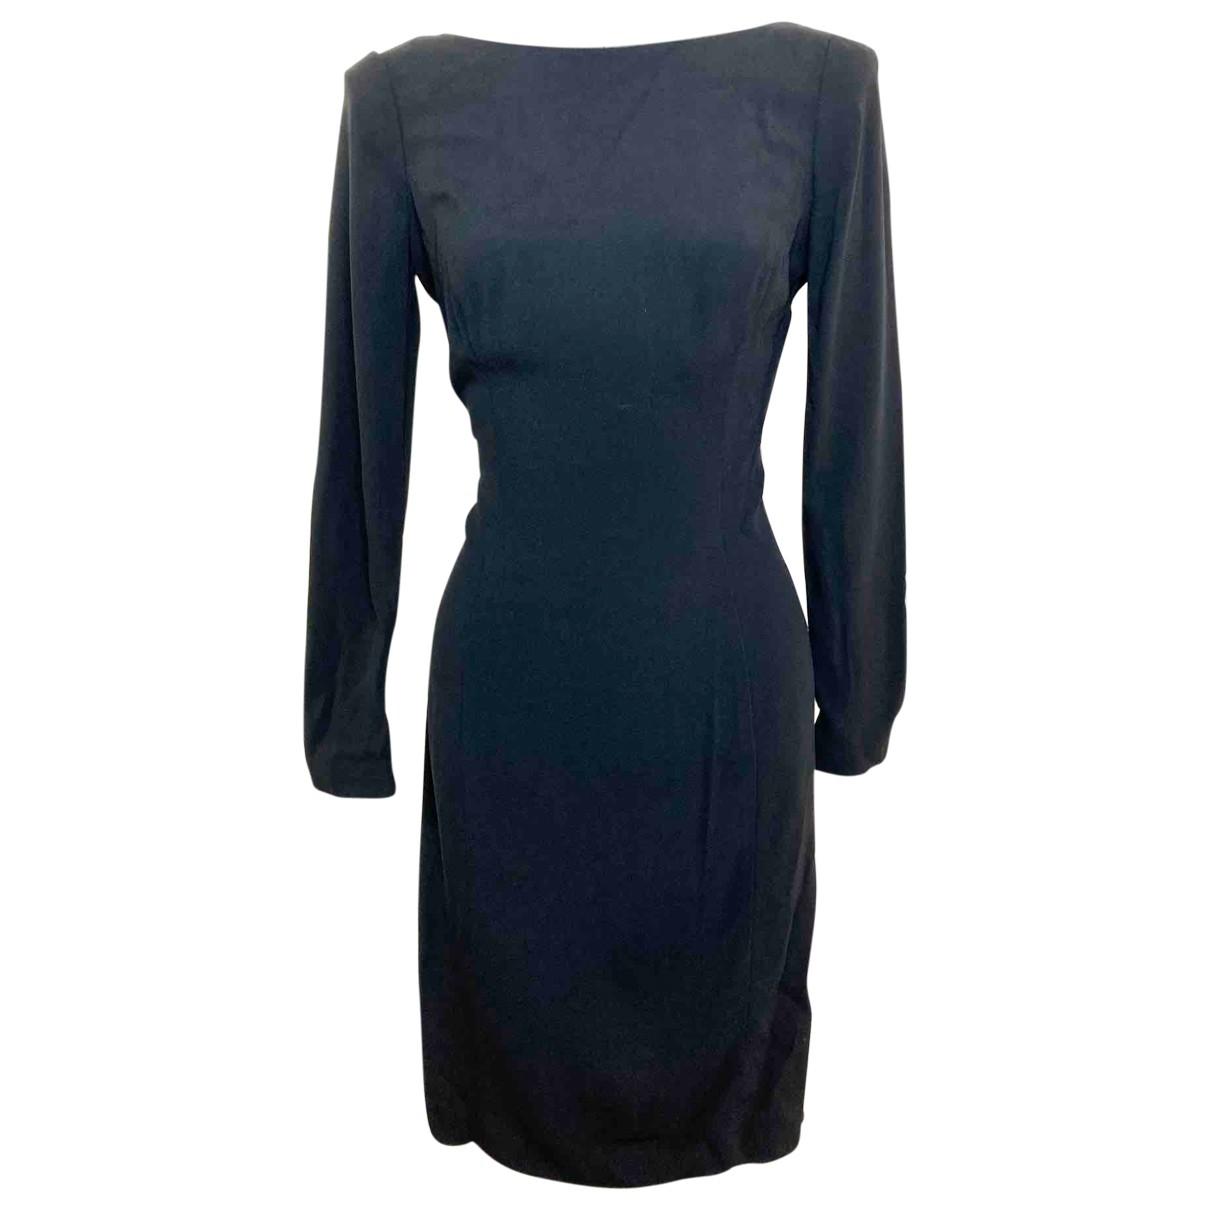 Prada \N Black dress for Women 40 FR